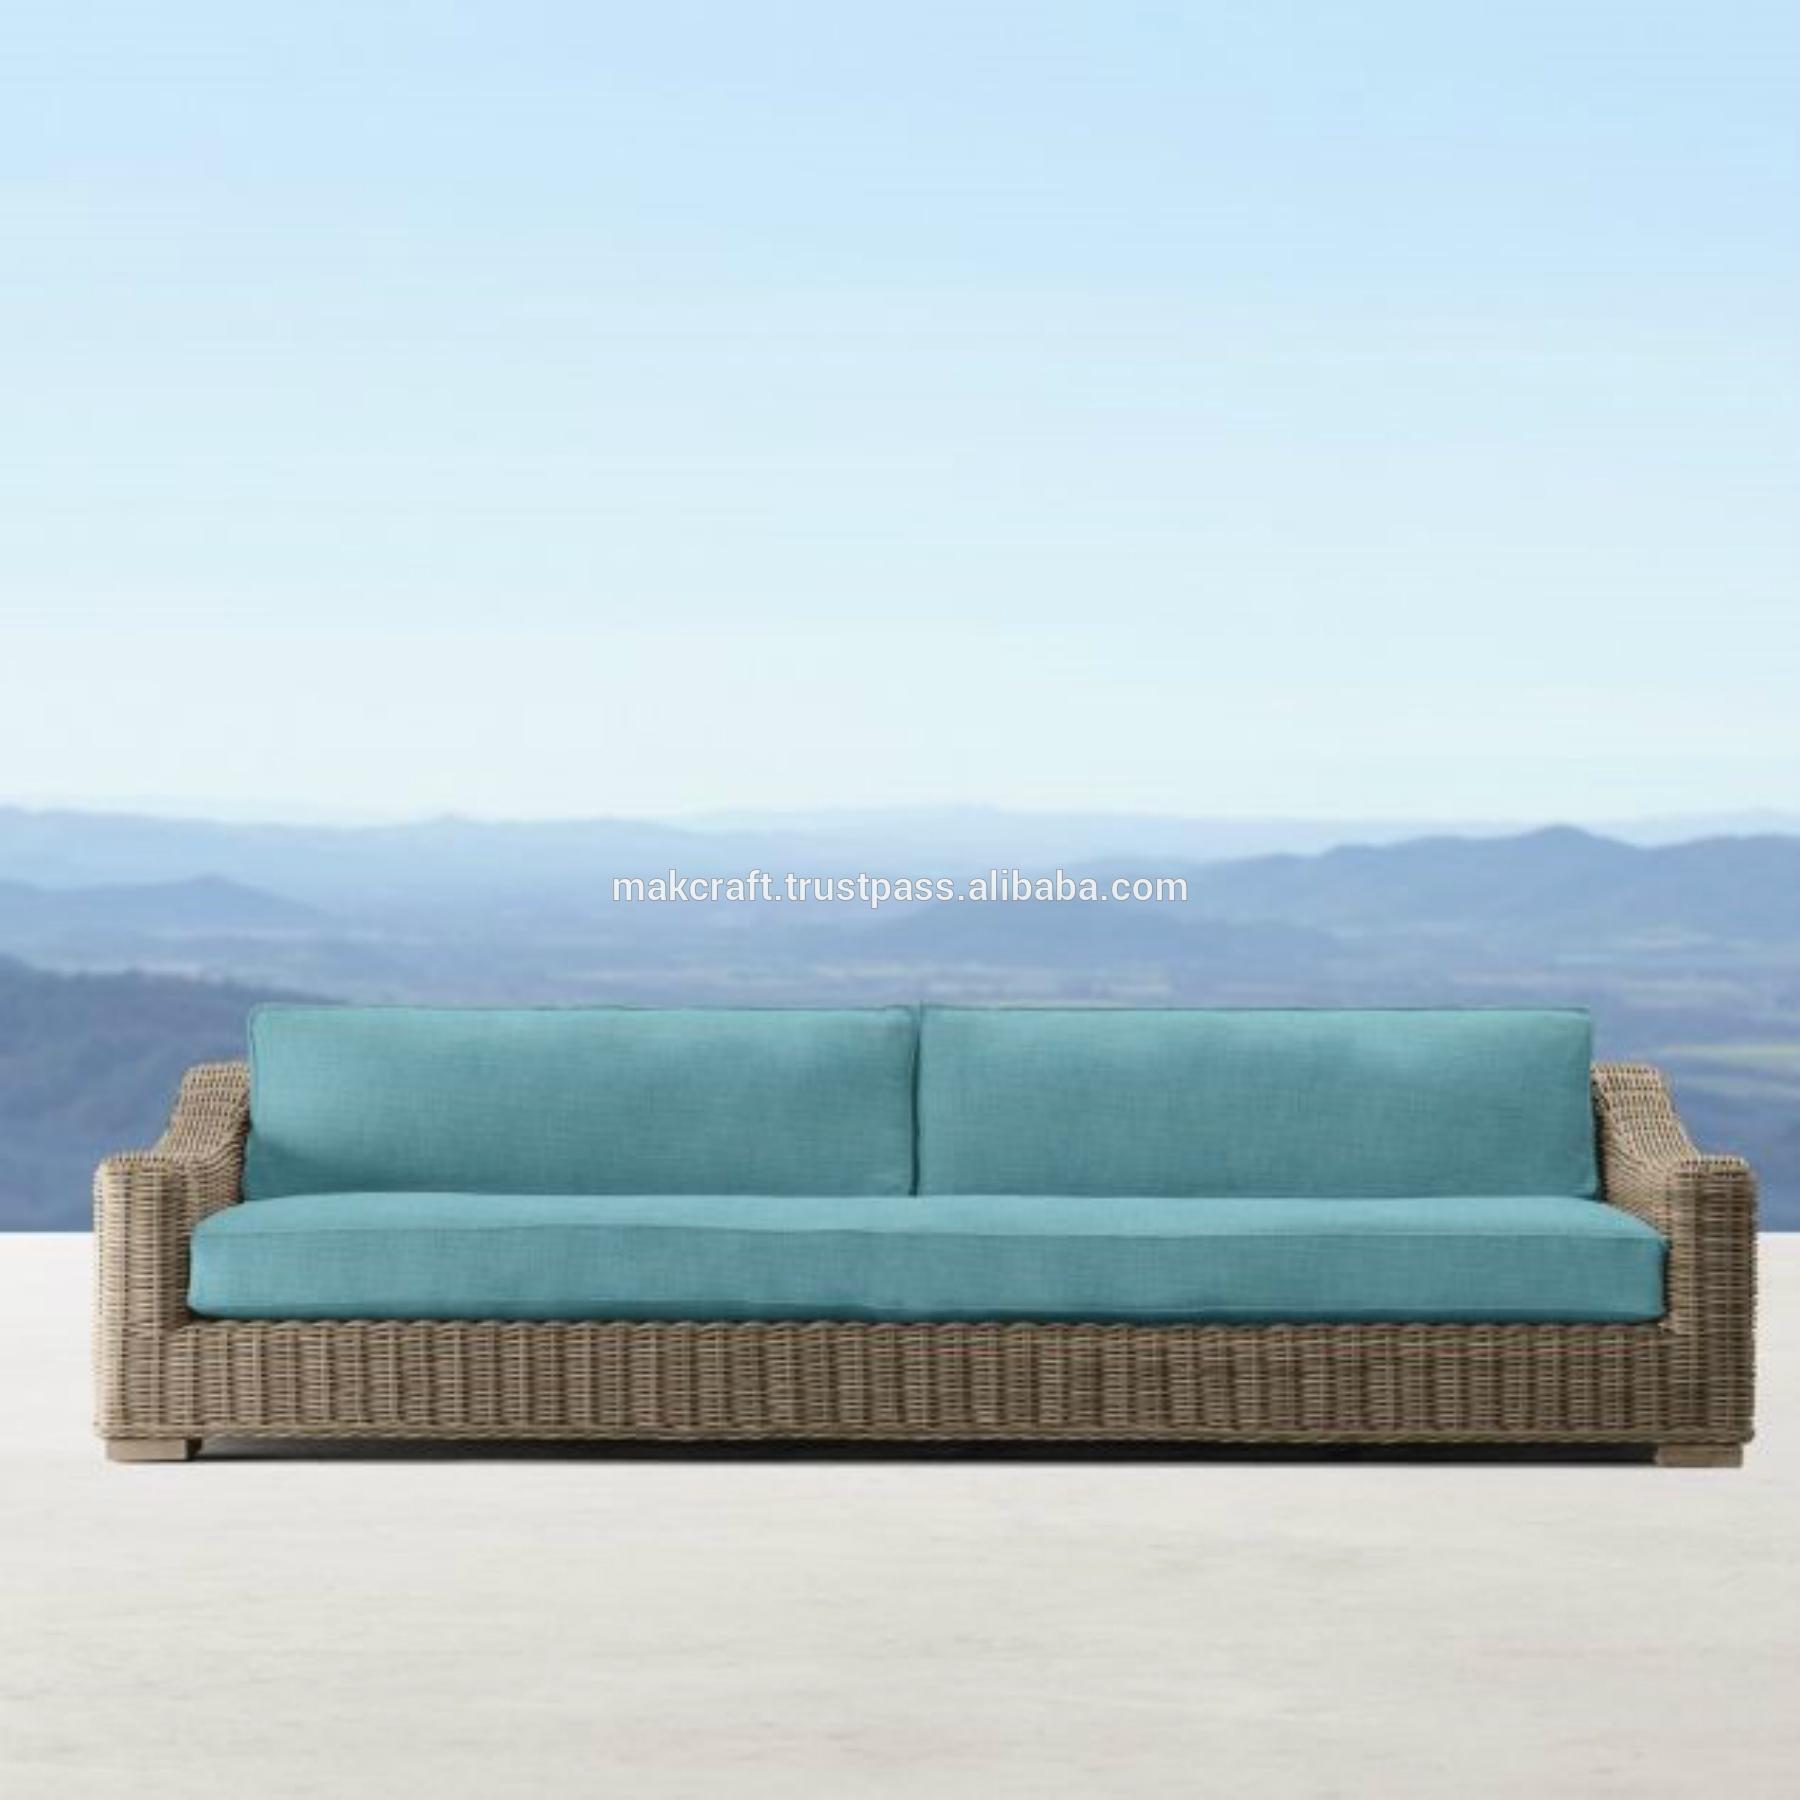 Full Size of Provence Luxe Rattan Lounge Sofa Stuhl 15cm Dicke Sunproof Kissen 2 Sitzer Mit Schlaffunktion Mastleuchten Garten Feuerschale Wasserbrunnen Und Landschaftsbau Garten Lounge Sofa Garten